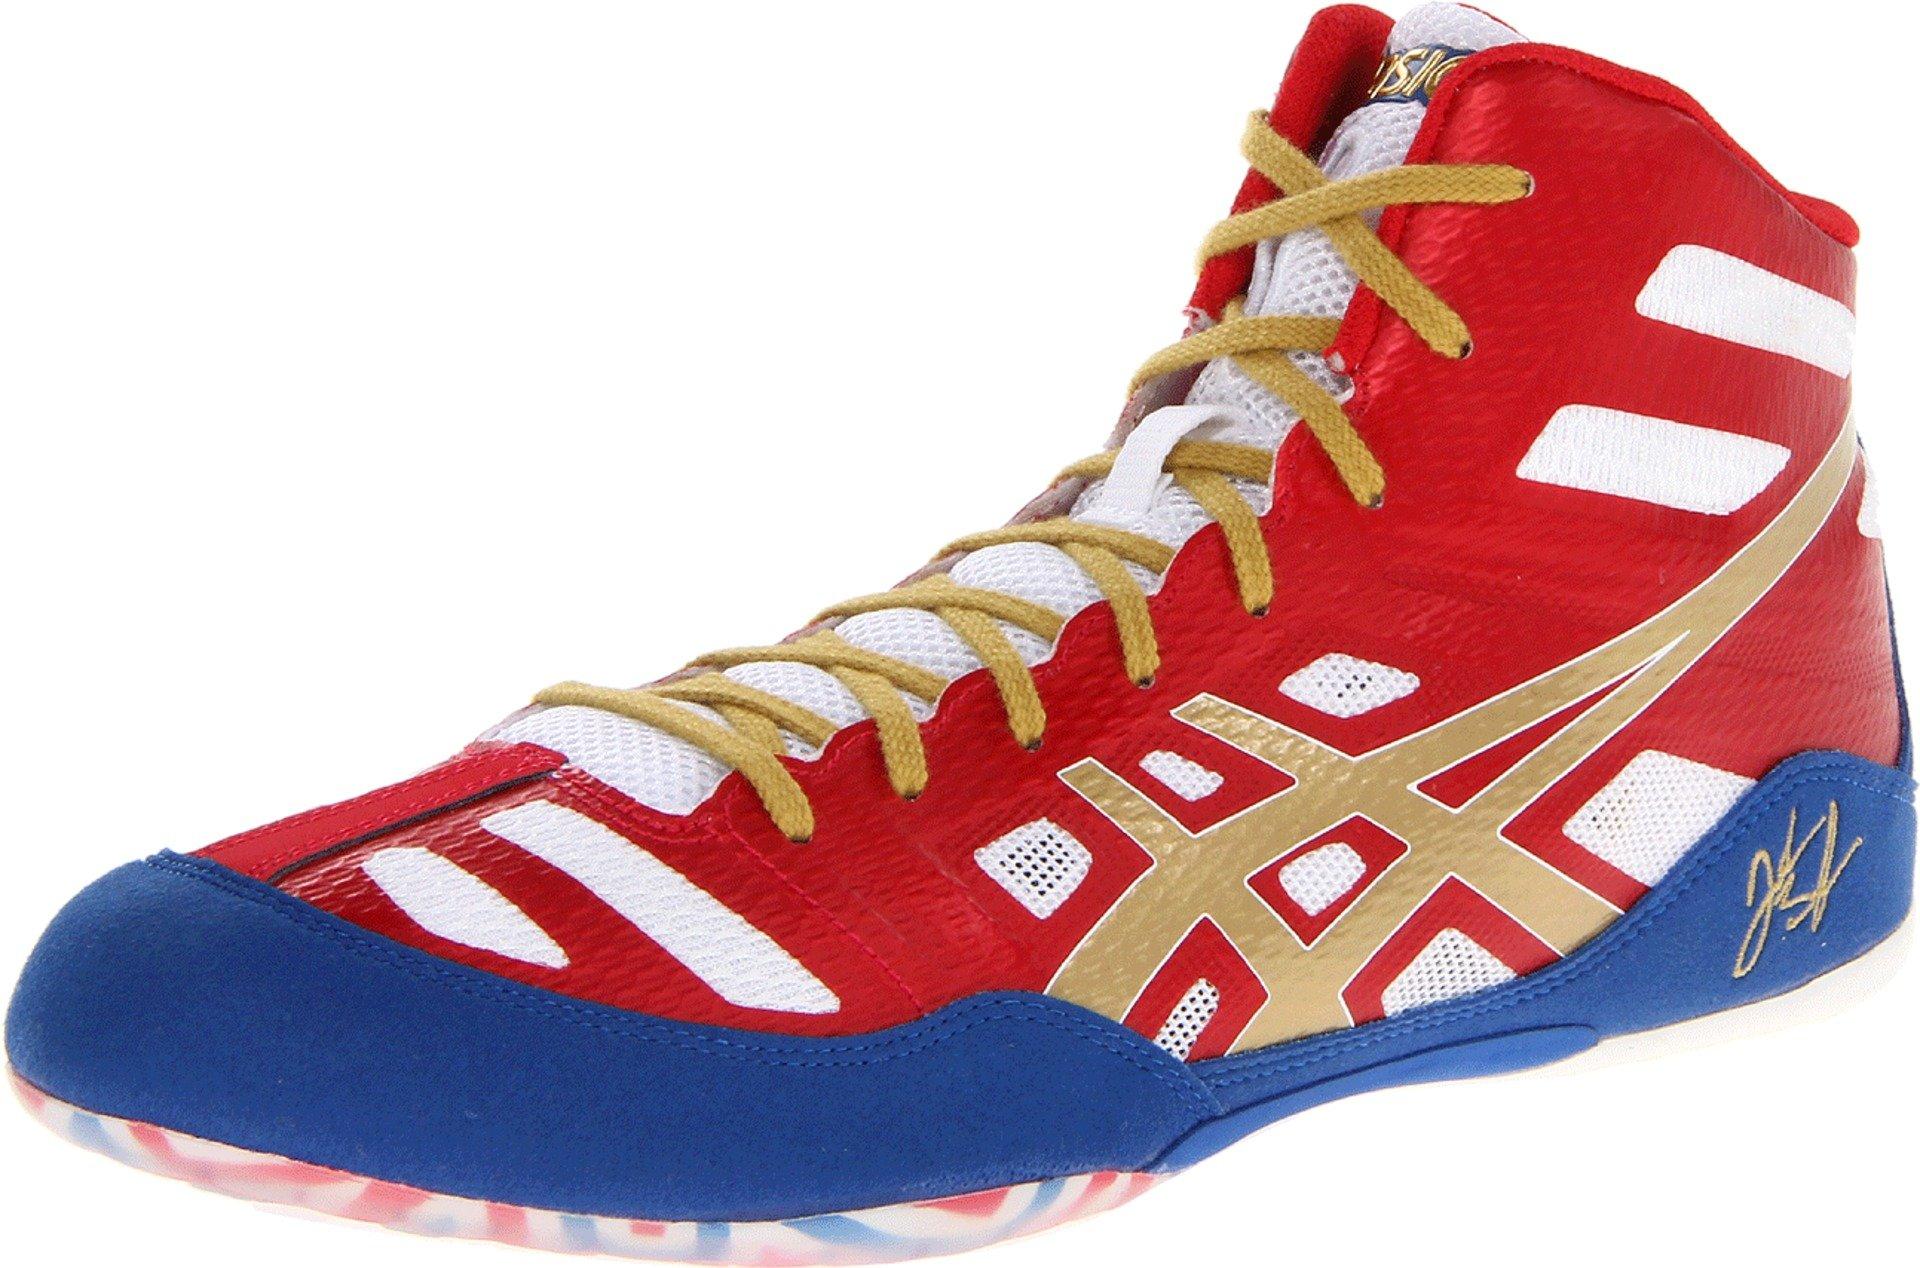 ASICS Men's JB Elite(tm) True Red/Olympic Gold/White Sneaker 9 D - Medium,9 M US/41.5 EU by ASICS